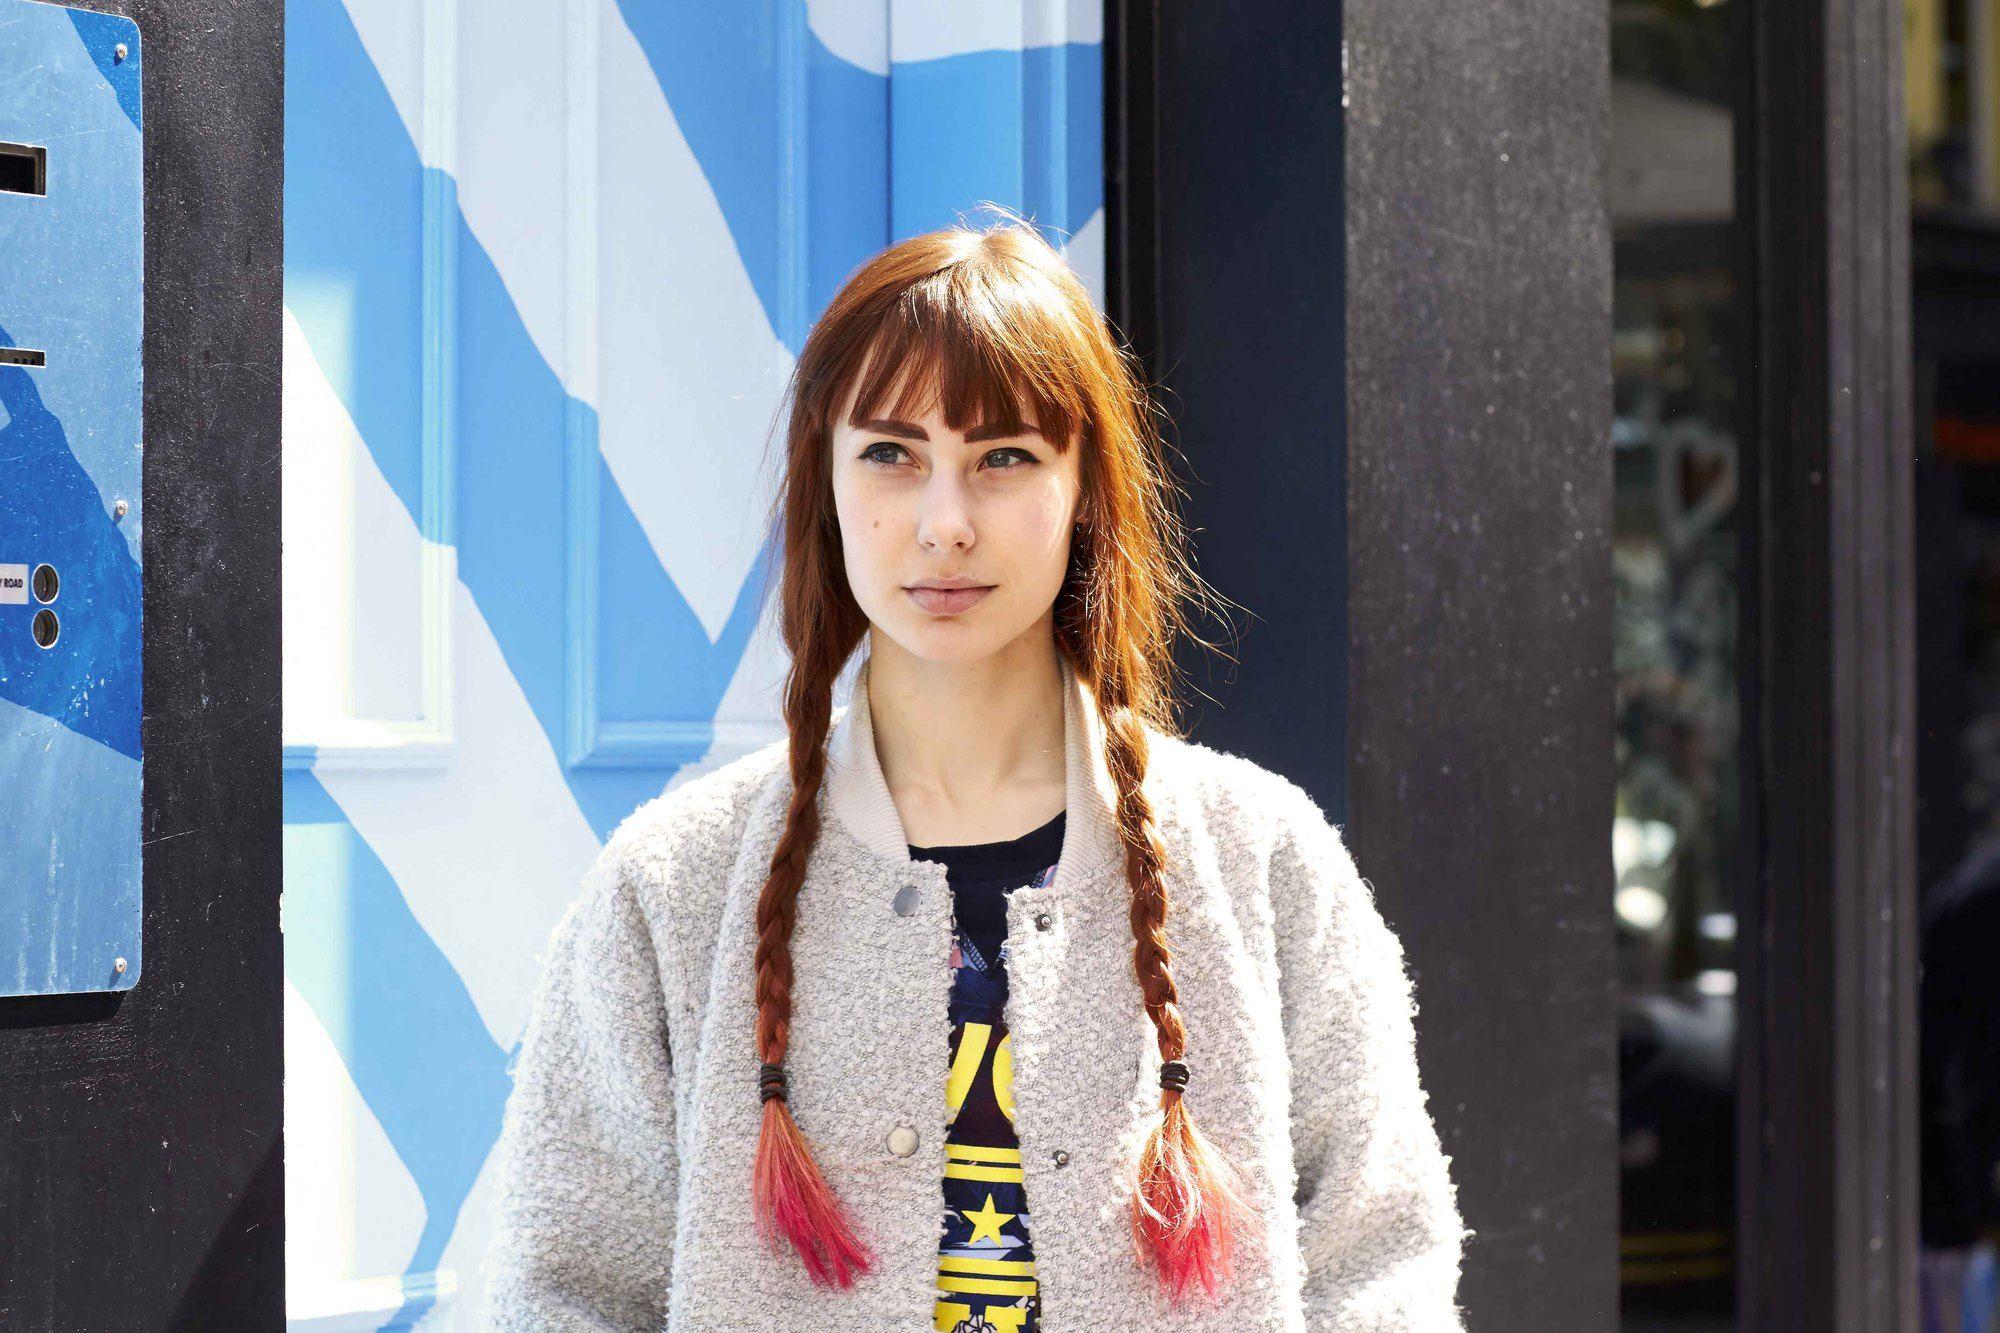 Coiffures faciles pour cheveux longs: Femme aux longs cheveux bruns auburn coiffés de nattes tressées avec des pointes rose fluo.